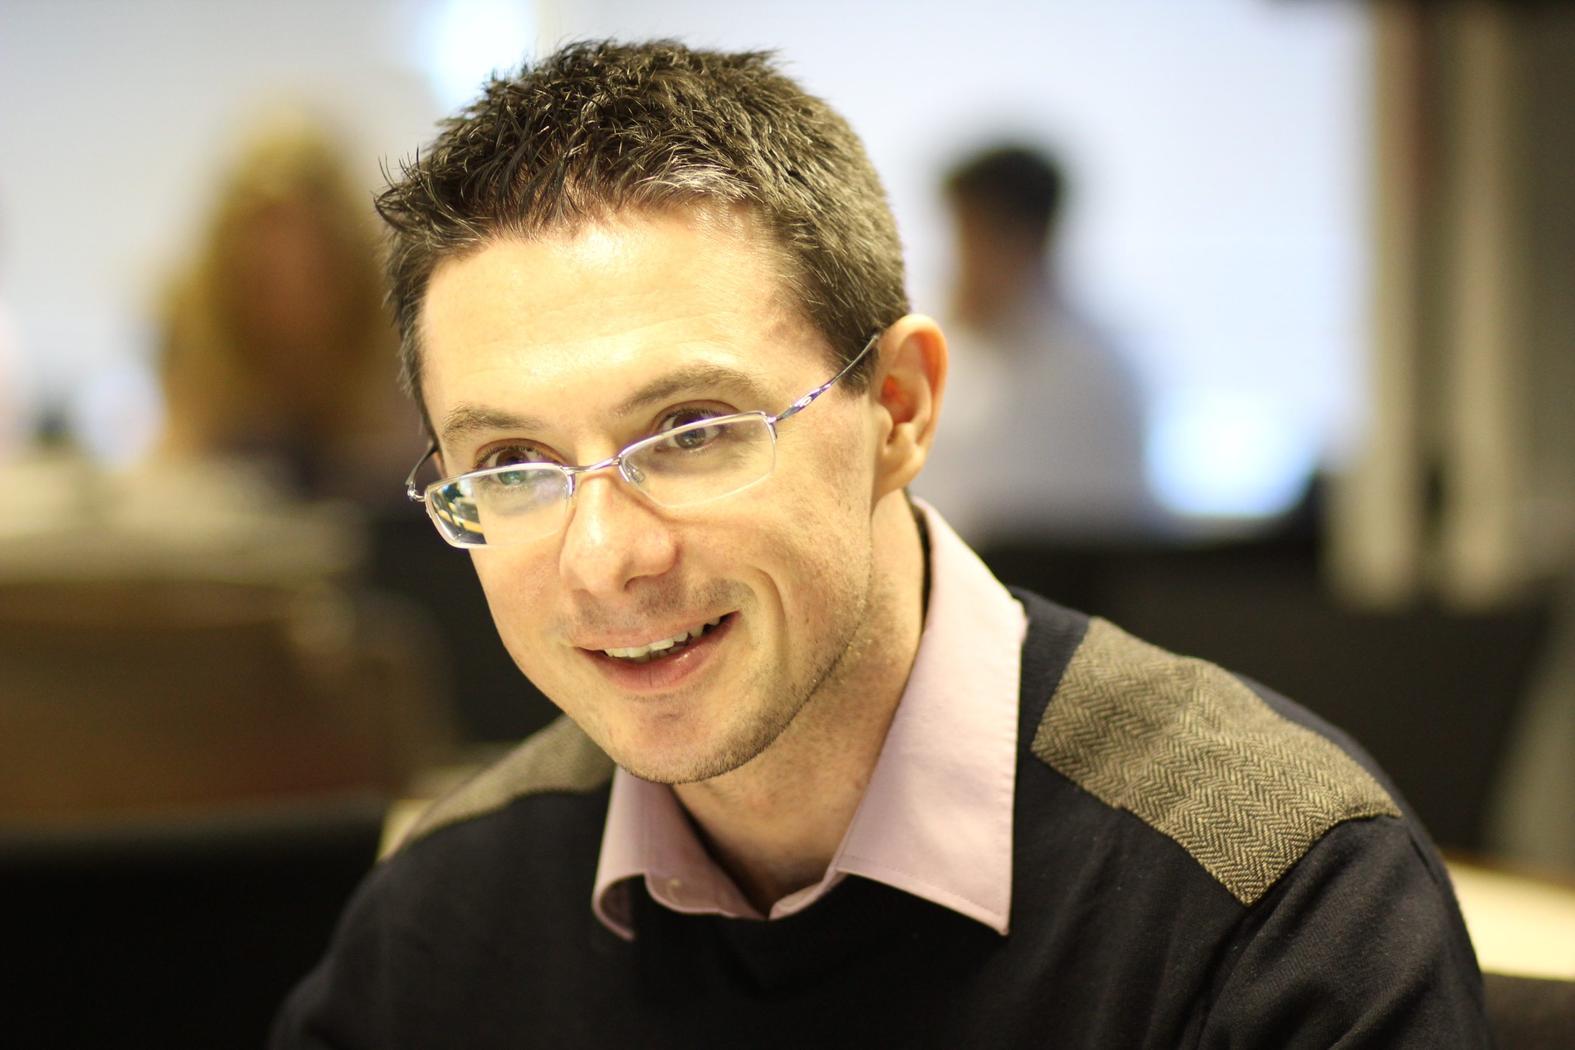 Damian Roland